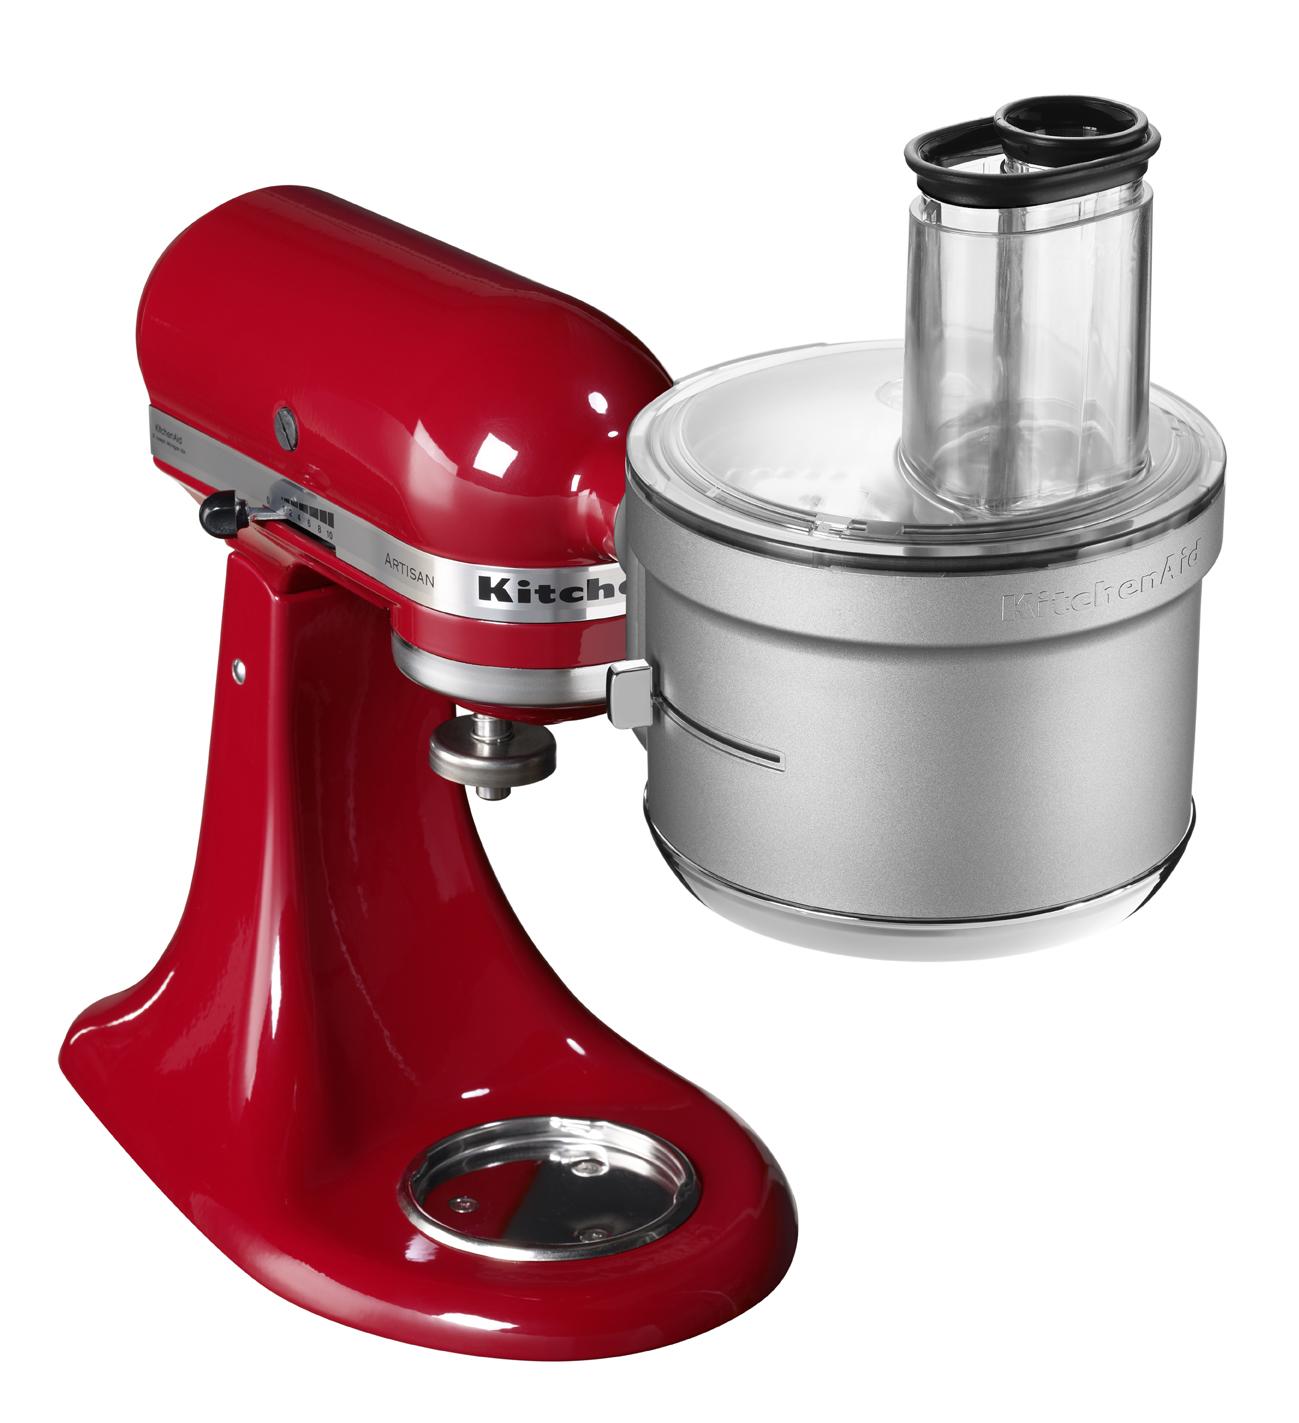 KitchenAid Food Processor Attachment Vorsatz zum Würfeln, Raspeln ...